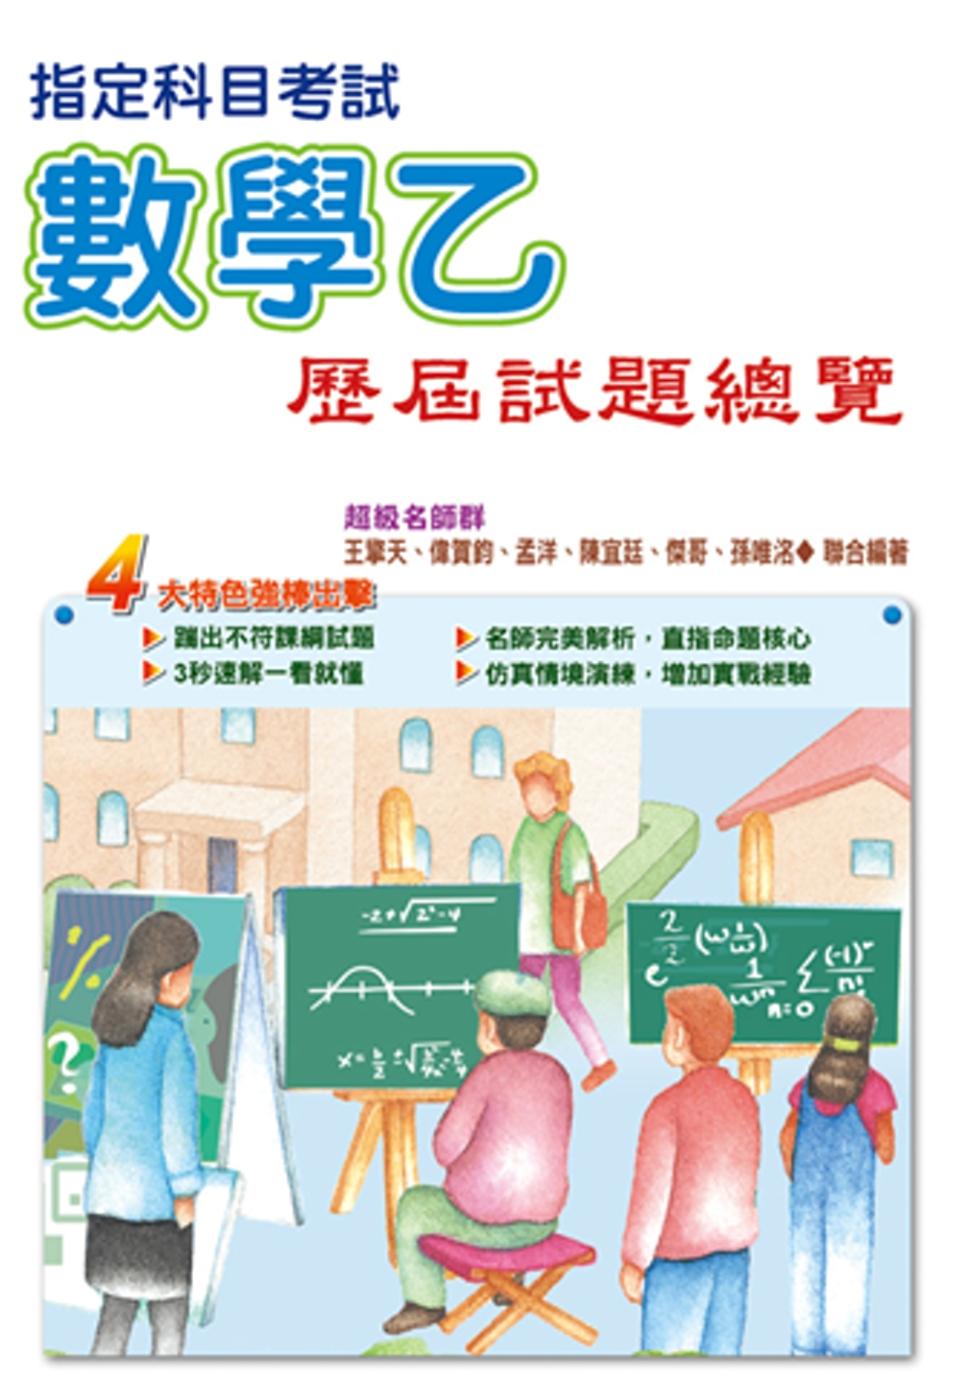 107指定科目考試數學乙歷屆試題總覽